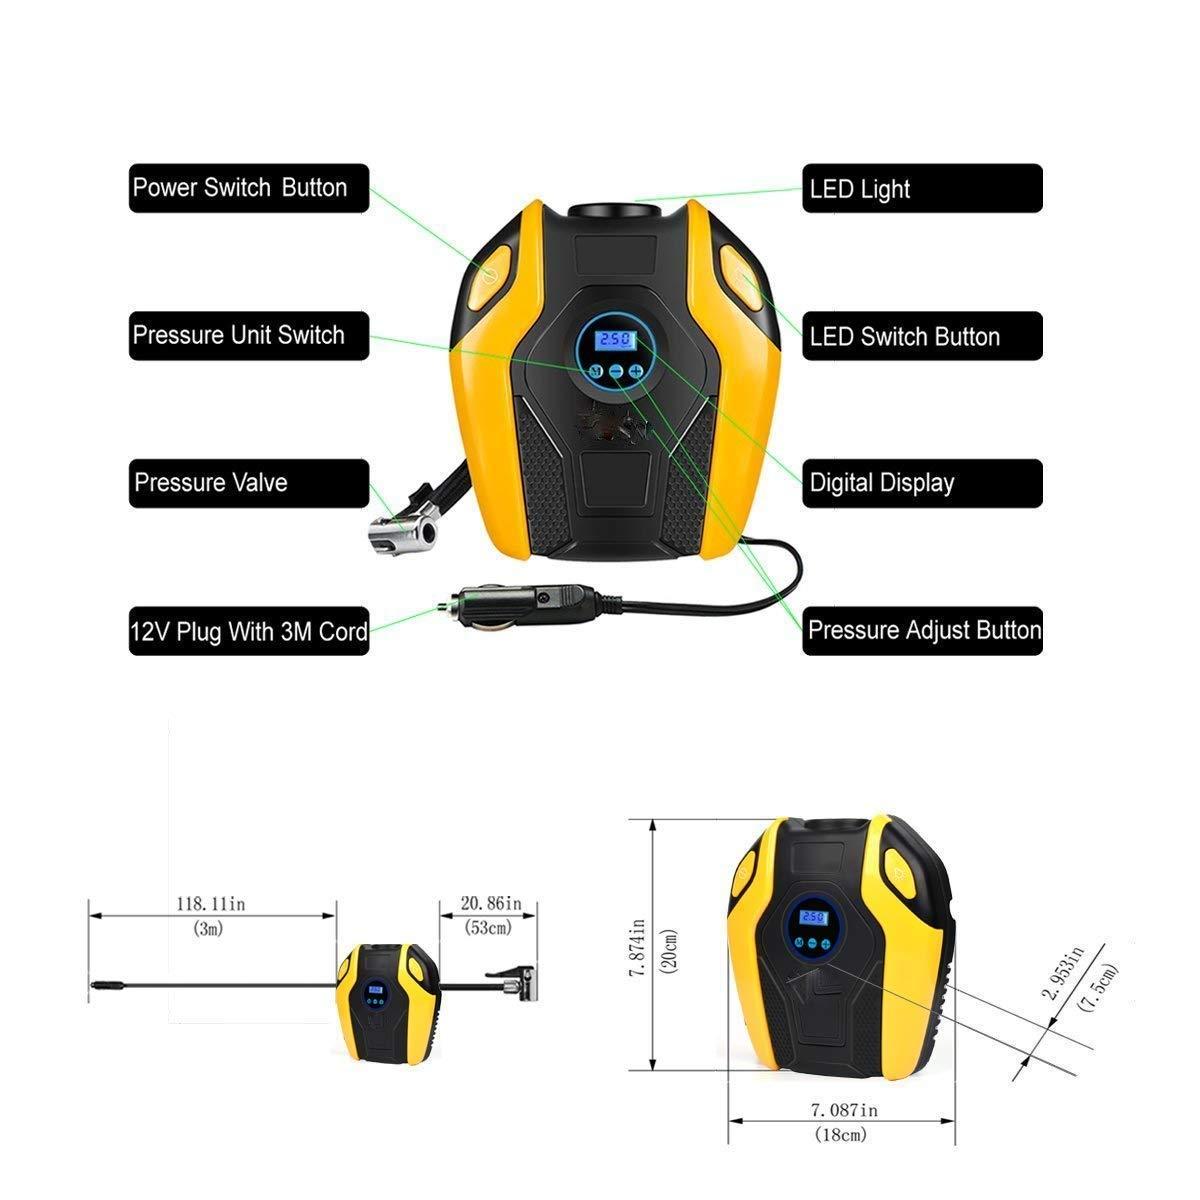 XYEU Compresor de Aire Eléctrico Portátil Digital, Inflador de Neumáticos Automóvil 12V 25L/Min 120W con Pantalla LCD y luz LED 150 PSI Apto para Hinchar ...